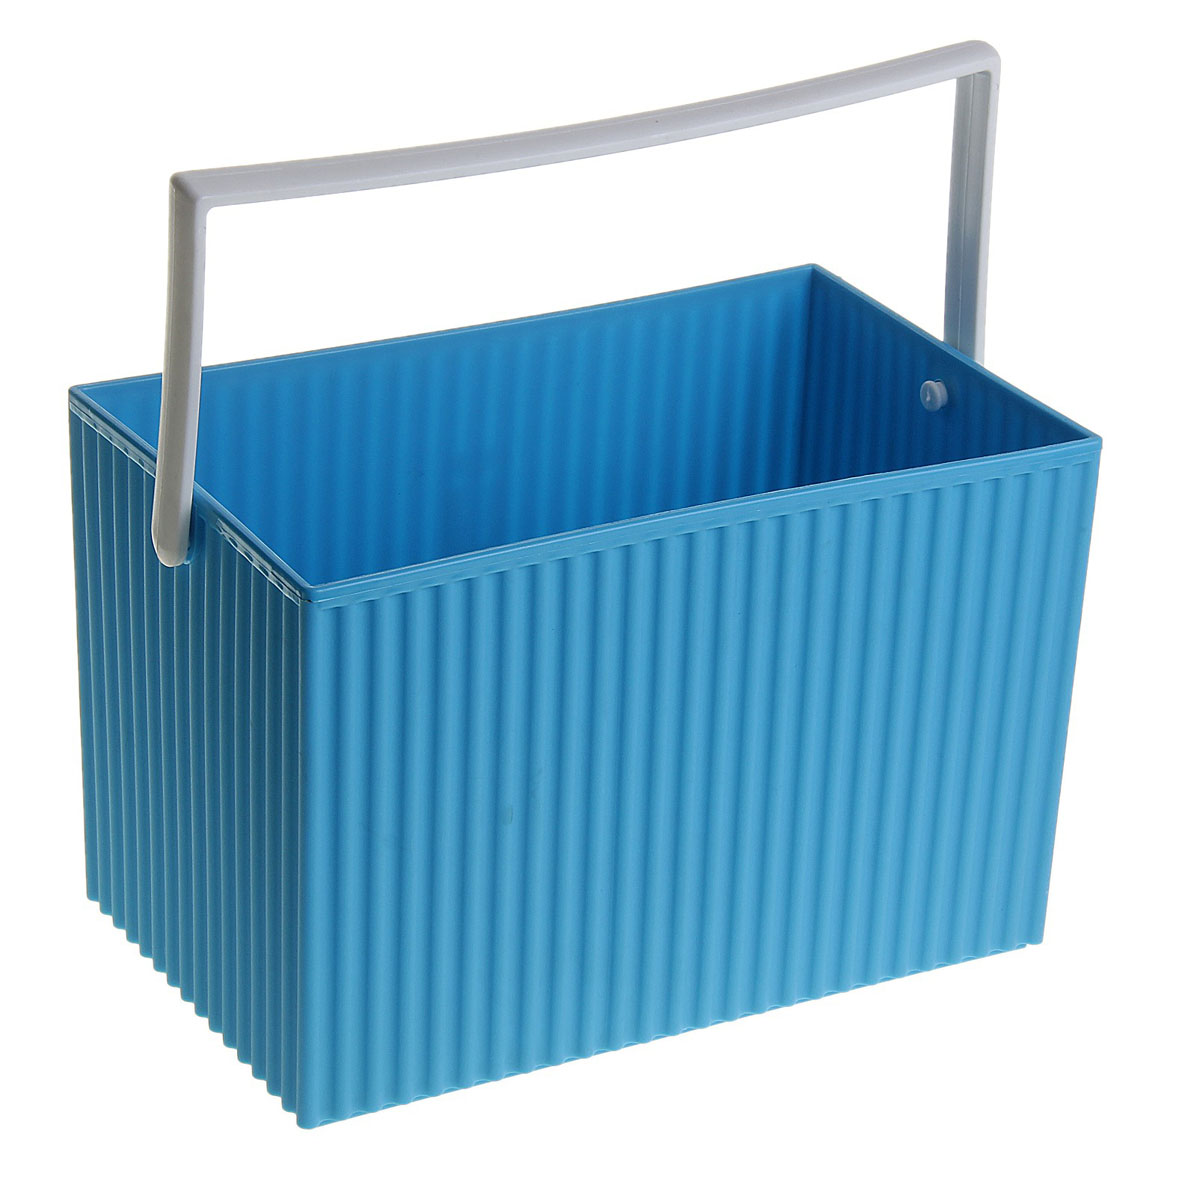 Ящик для бытовых вещей Sima-land, с ручкой, цвет: синийRG-D31SЯщик Sima-land изготовлен из высококачественного пластика. Ящик предназначен для хранения различных бытовых мелочей. Ящик имеет ручку, благодаря которой ящик можно без проблем переносить с места на место. Ящик для бытовых вещей Sima-land поможет содержать ваши вещи в порядке. Размер ящика: 22 см х 13,5 см х 15 см.